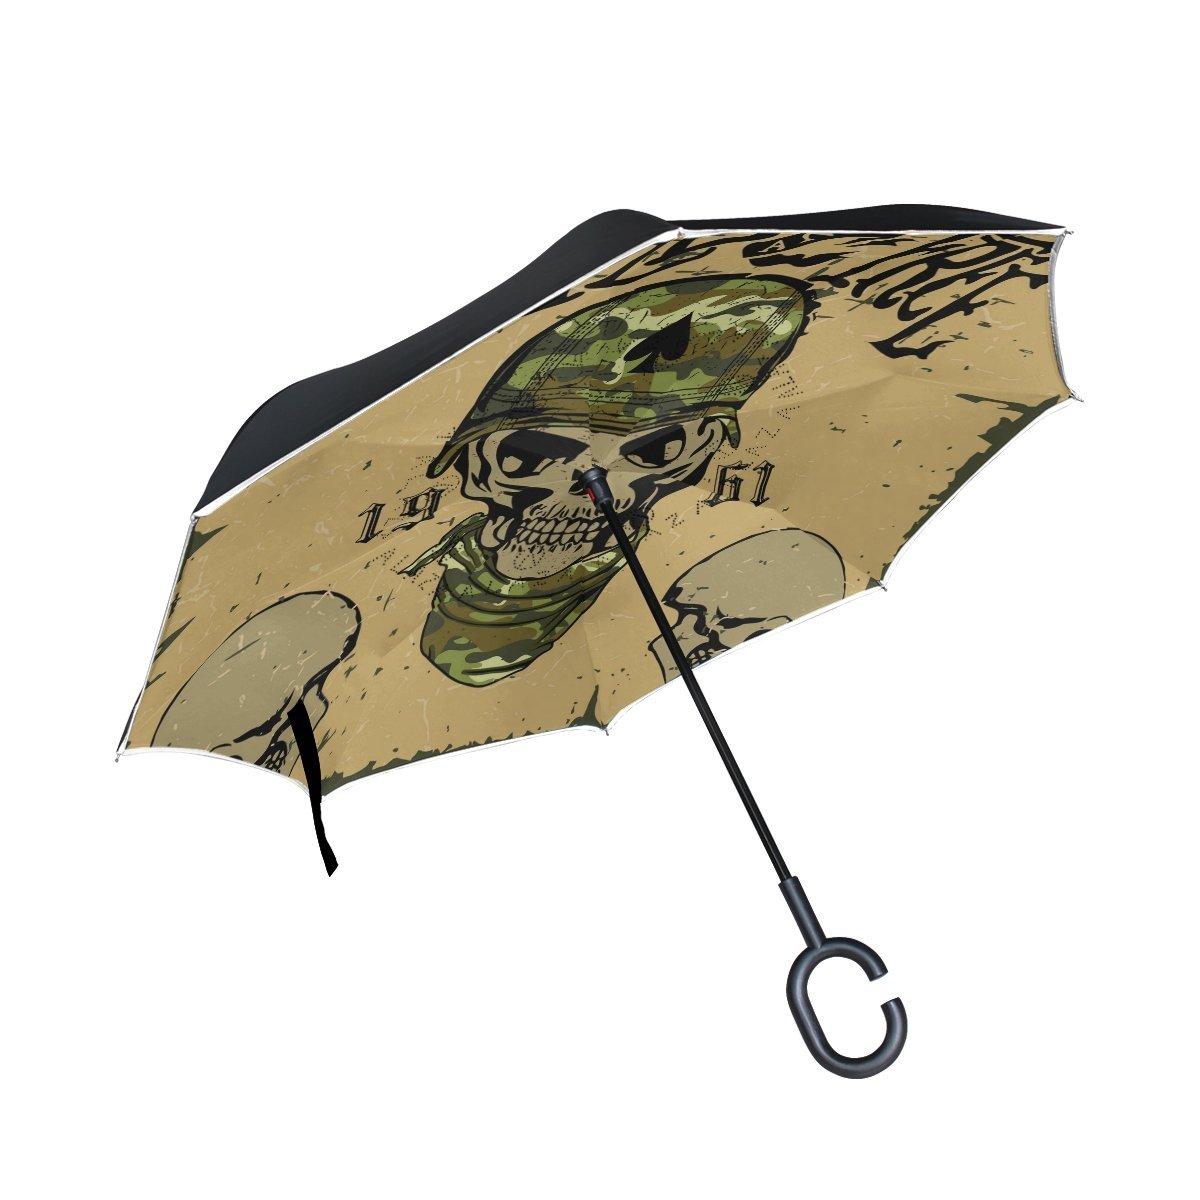 7dfa349dd125 Cheap Splash Umbrella, find Splash Umbrella deals on line at Alibaba.com